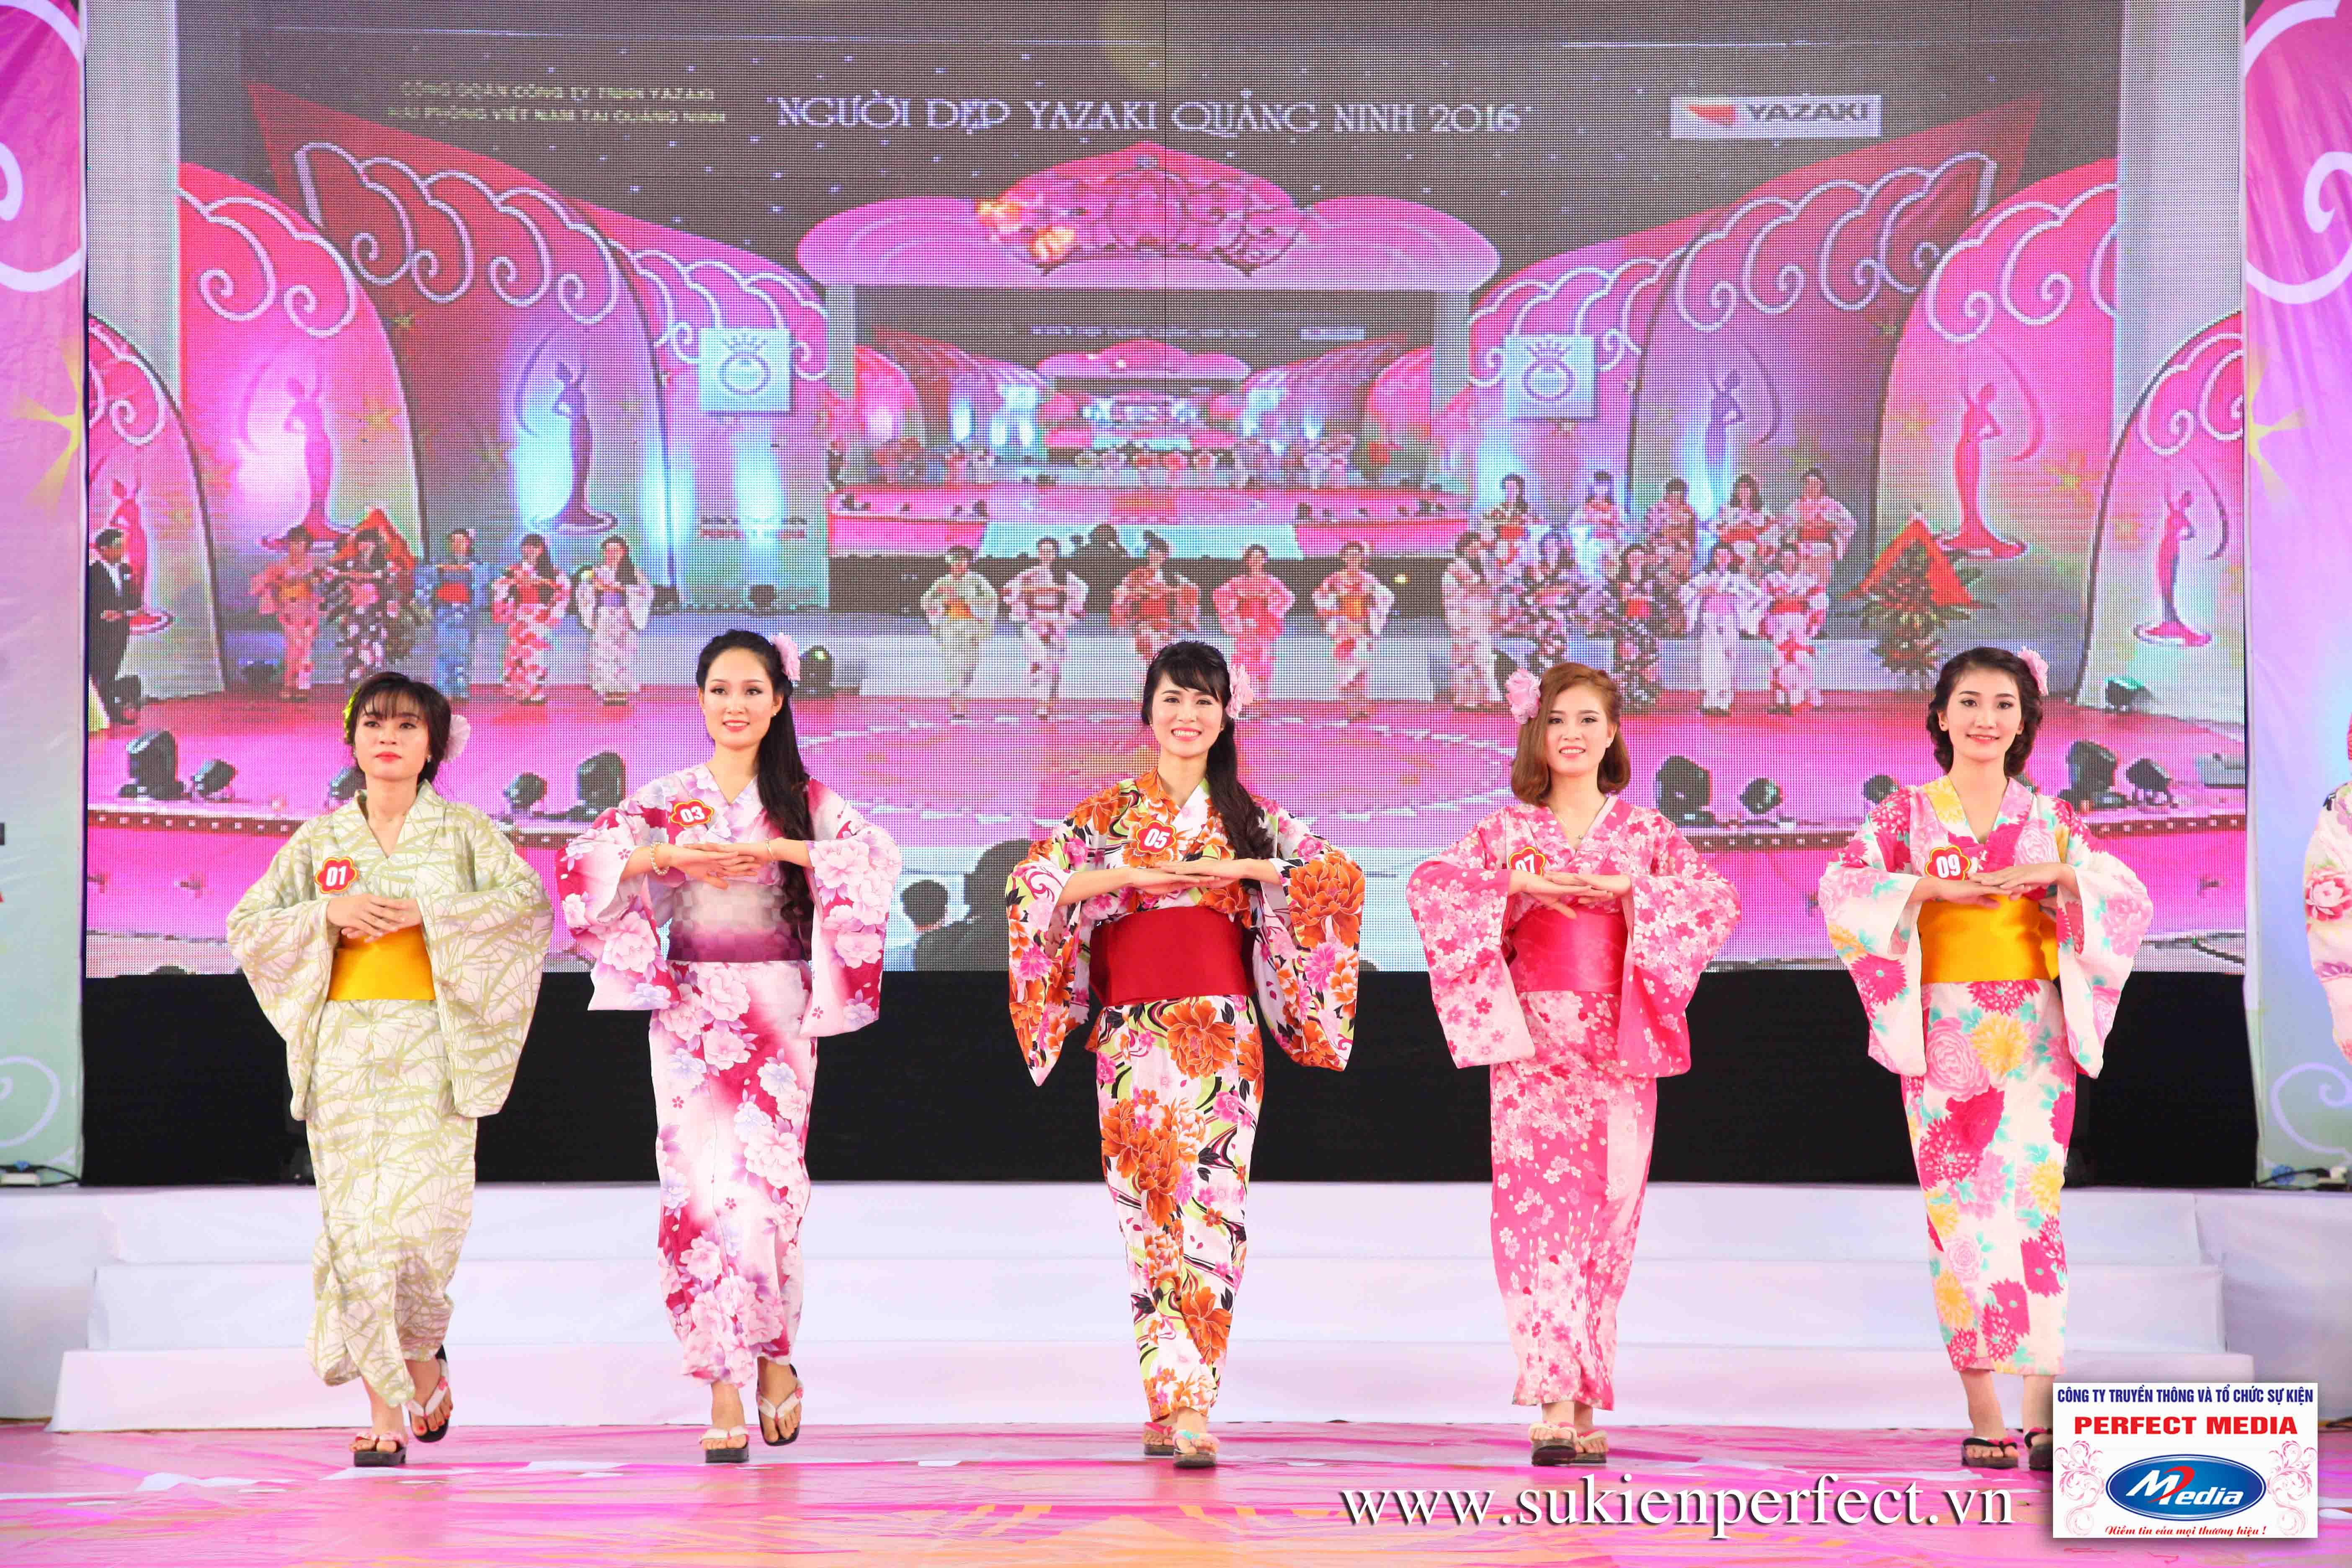 Hình ảnh các thí sinh trong trang phục Kimono - Người đẹp Yazaki Quảng Ninh 2016 - 27